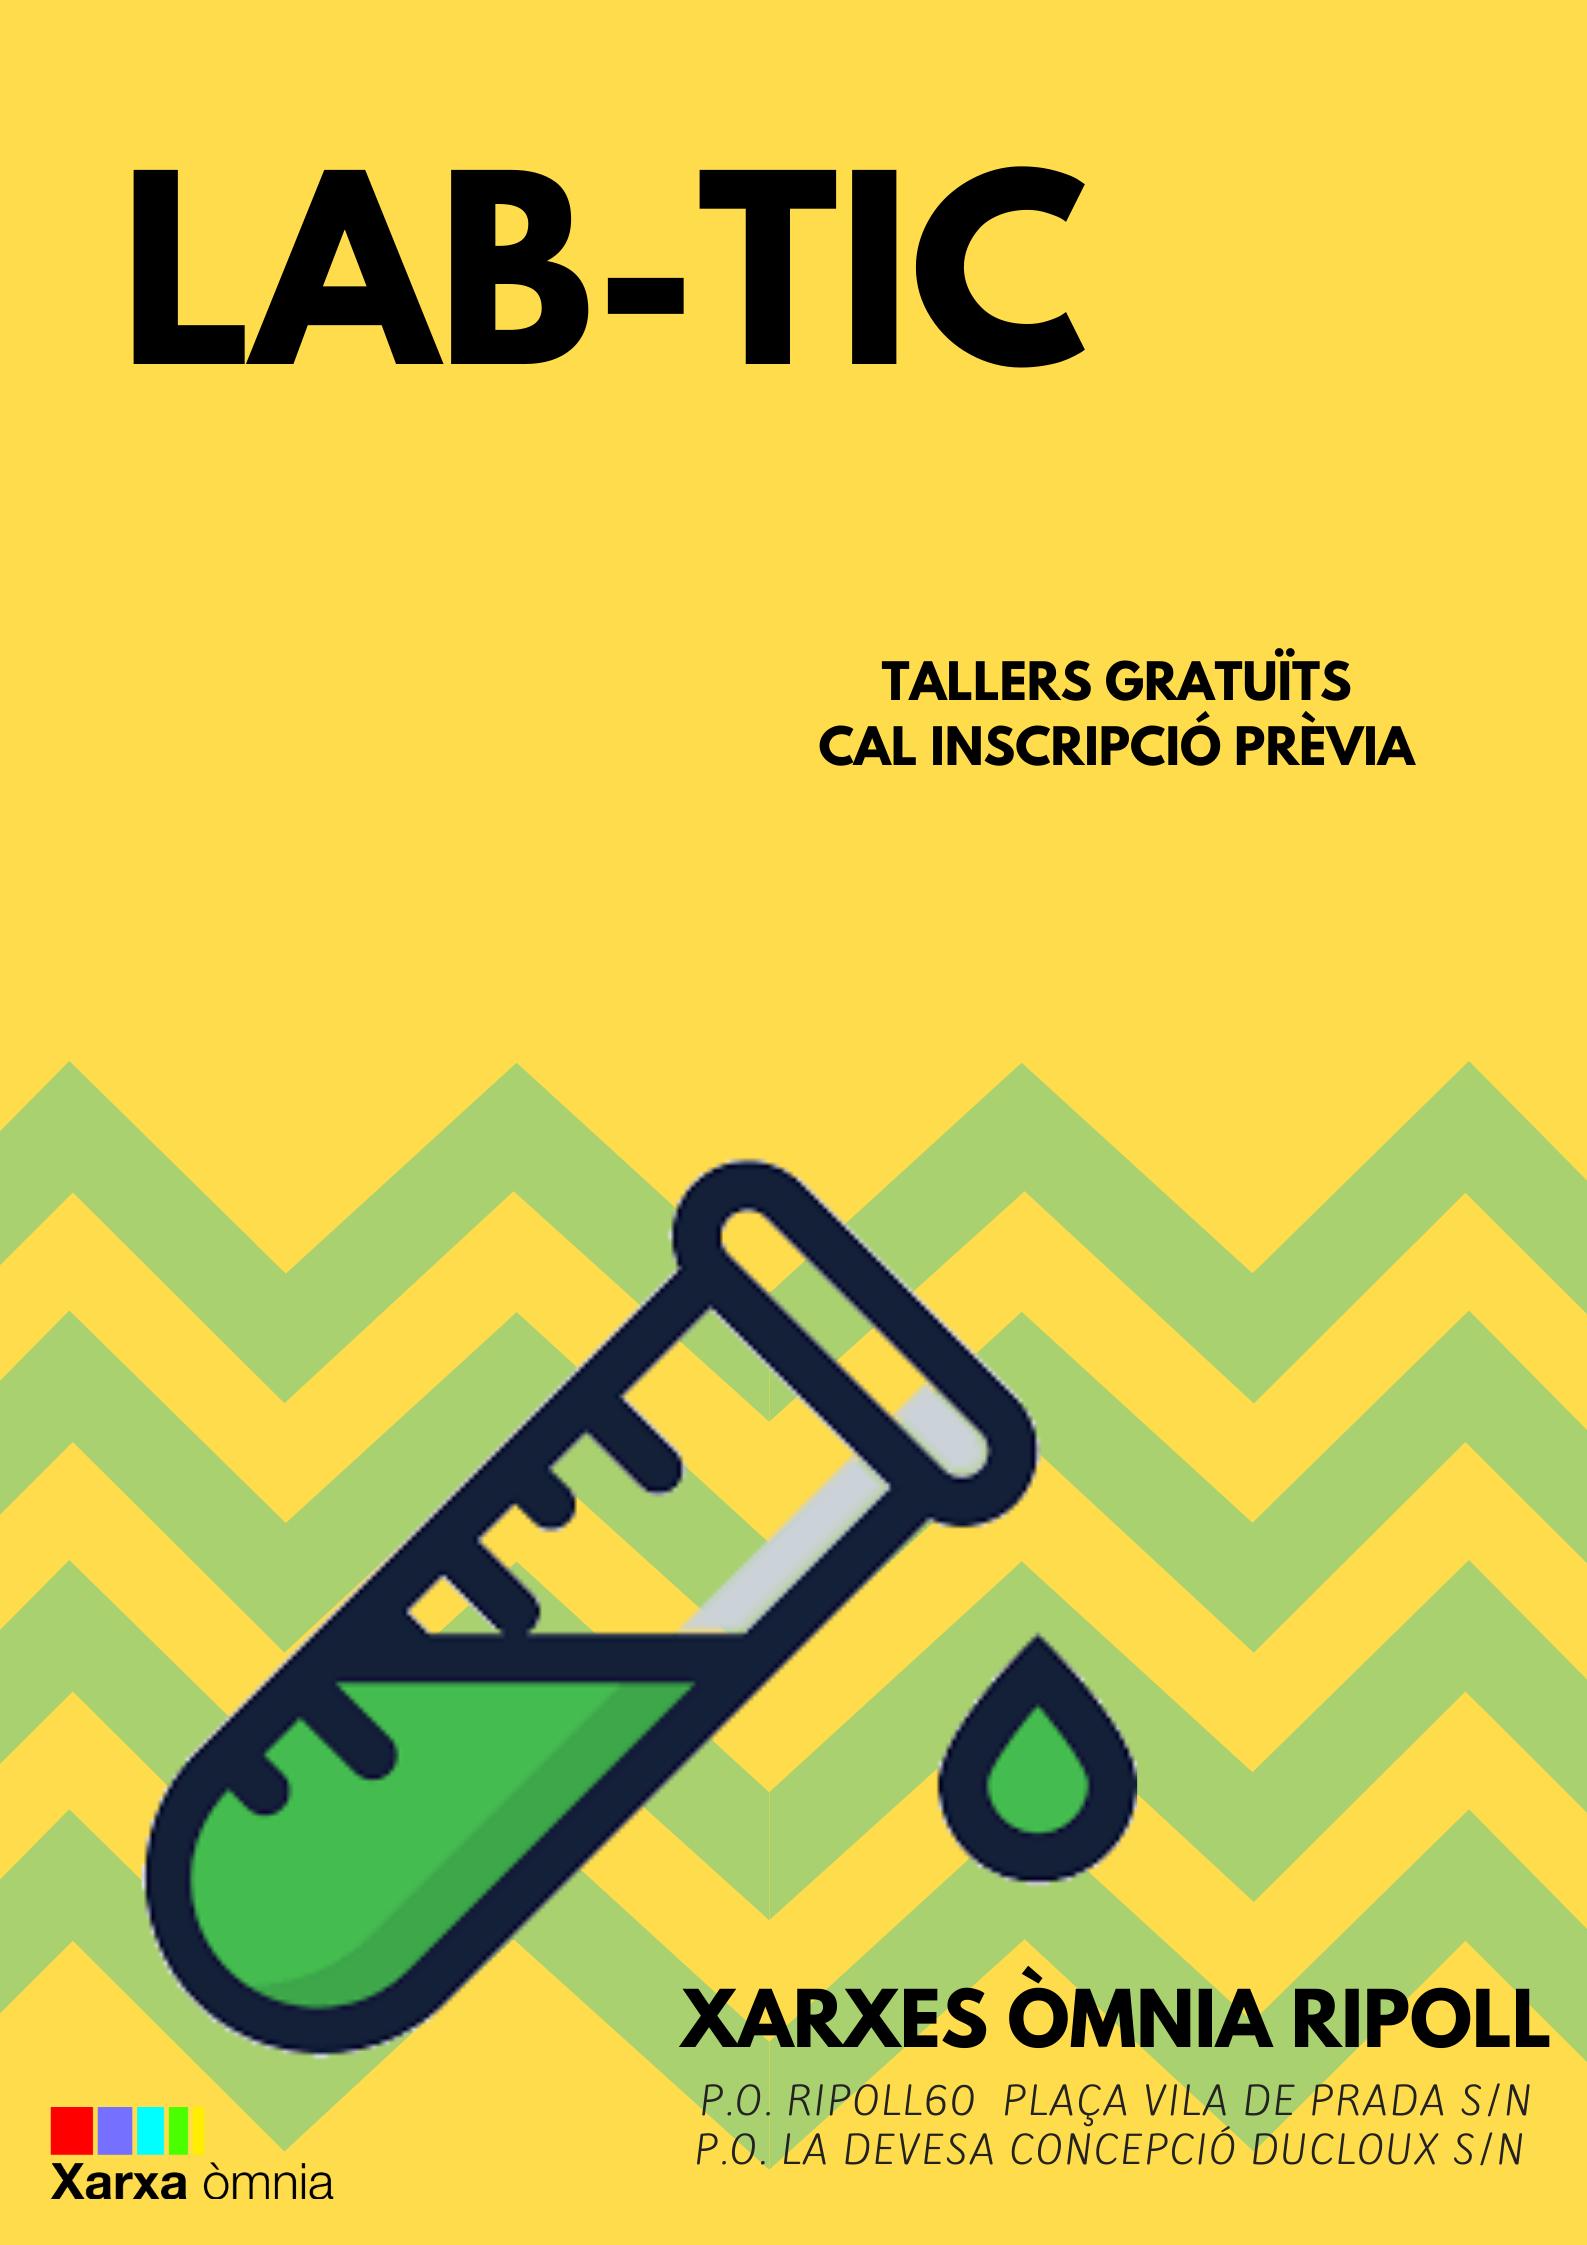 Lab-TIC